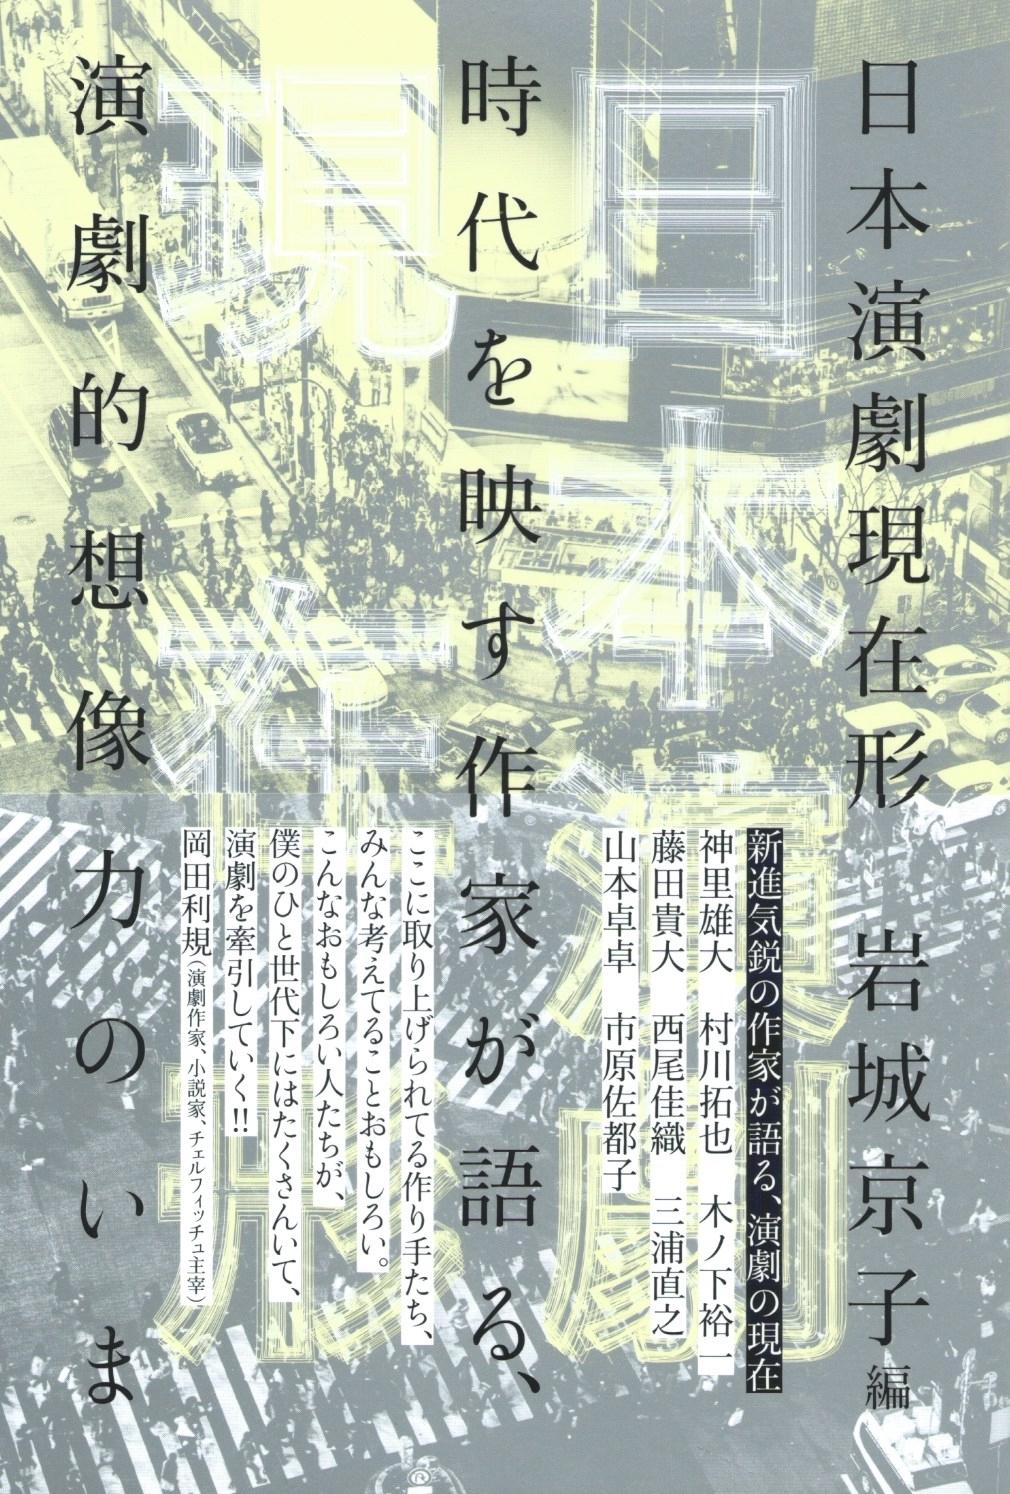 日本演劇現在形——時代を映す作家が語る、演劇的想像力のいま